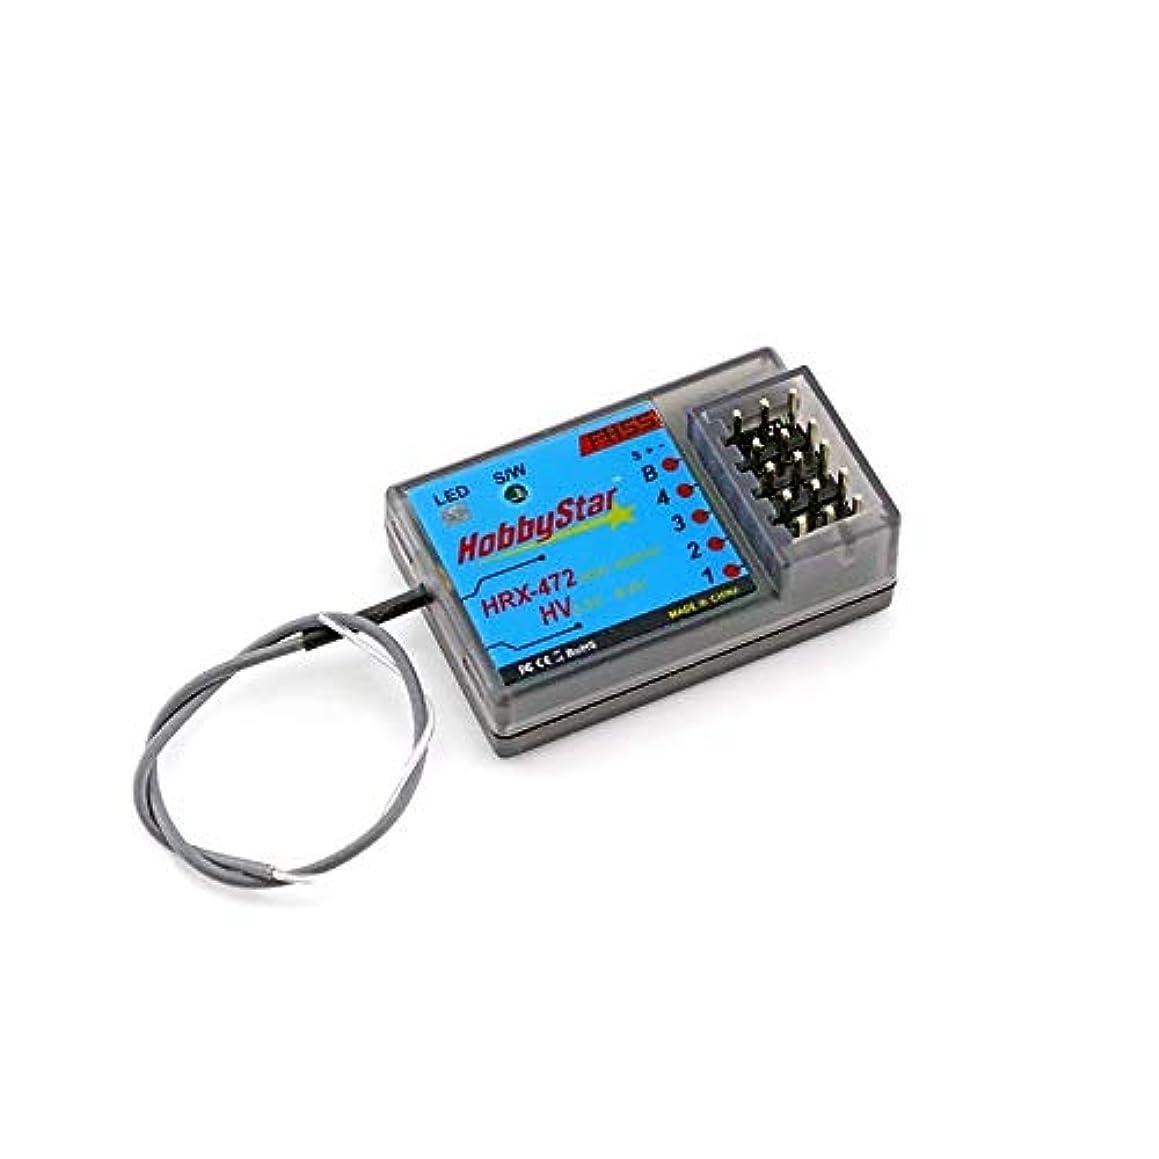 HobbyStar HRX-472 Sanwa FH3, FH4 Compatible 4ch Receiver, FHSS